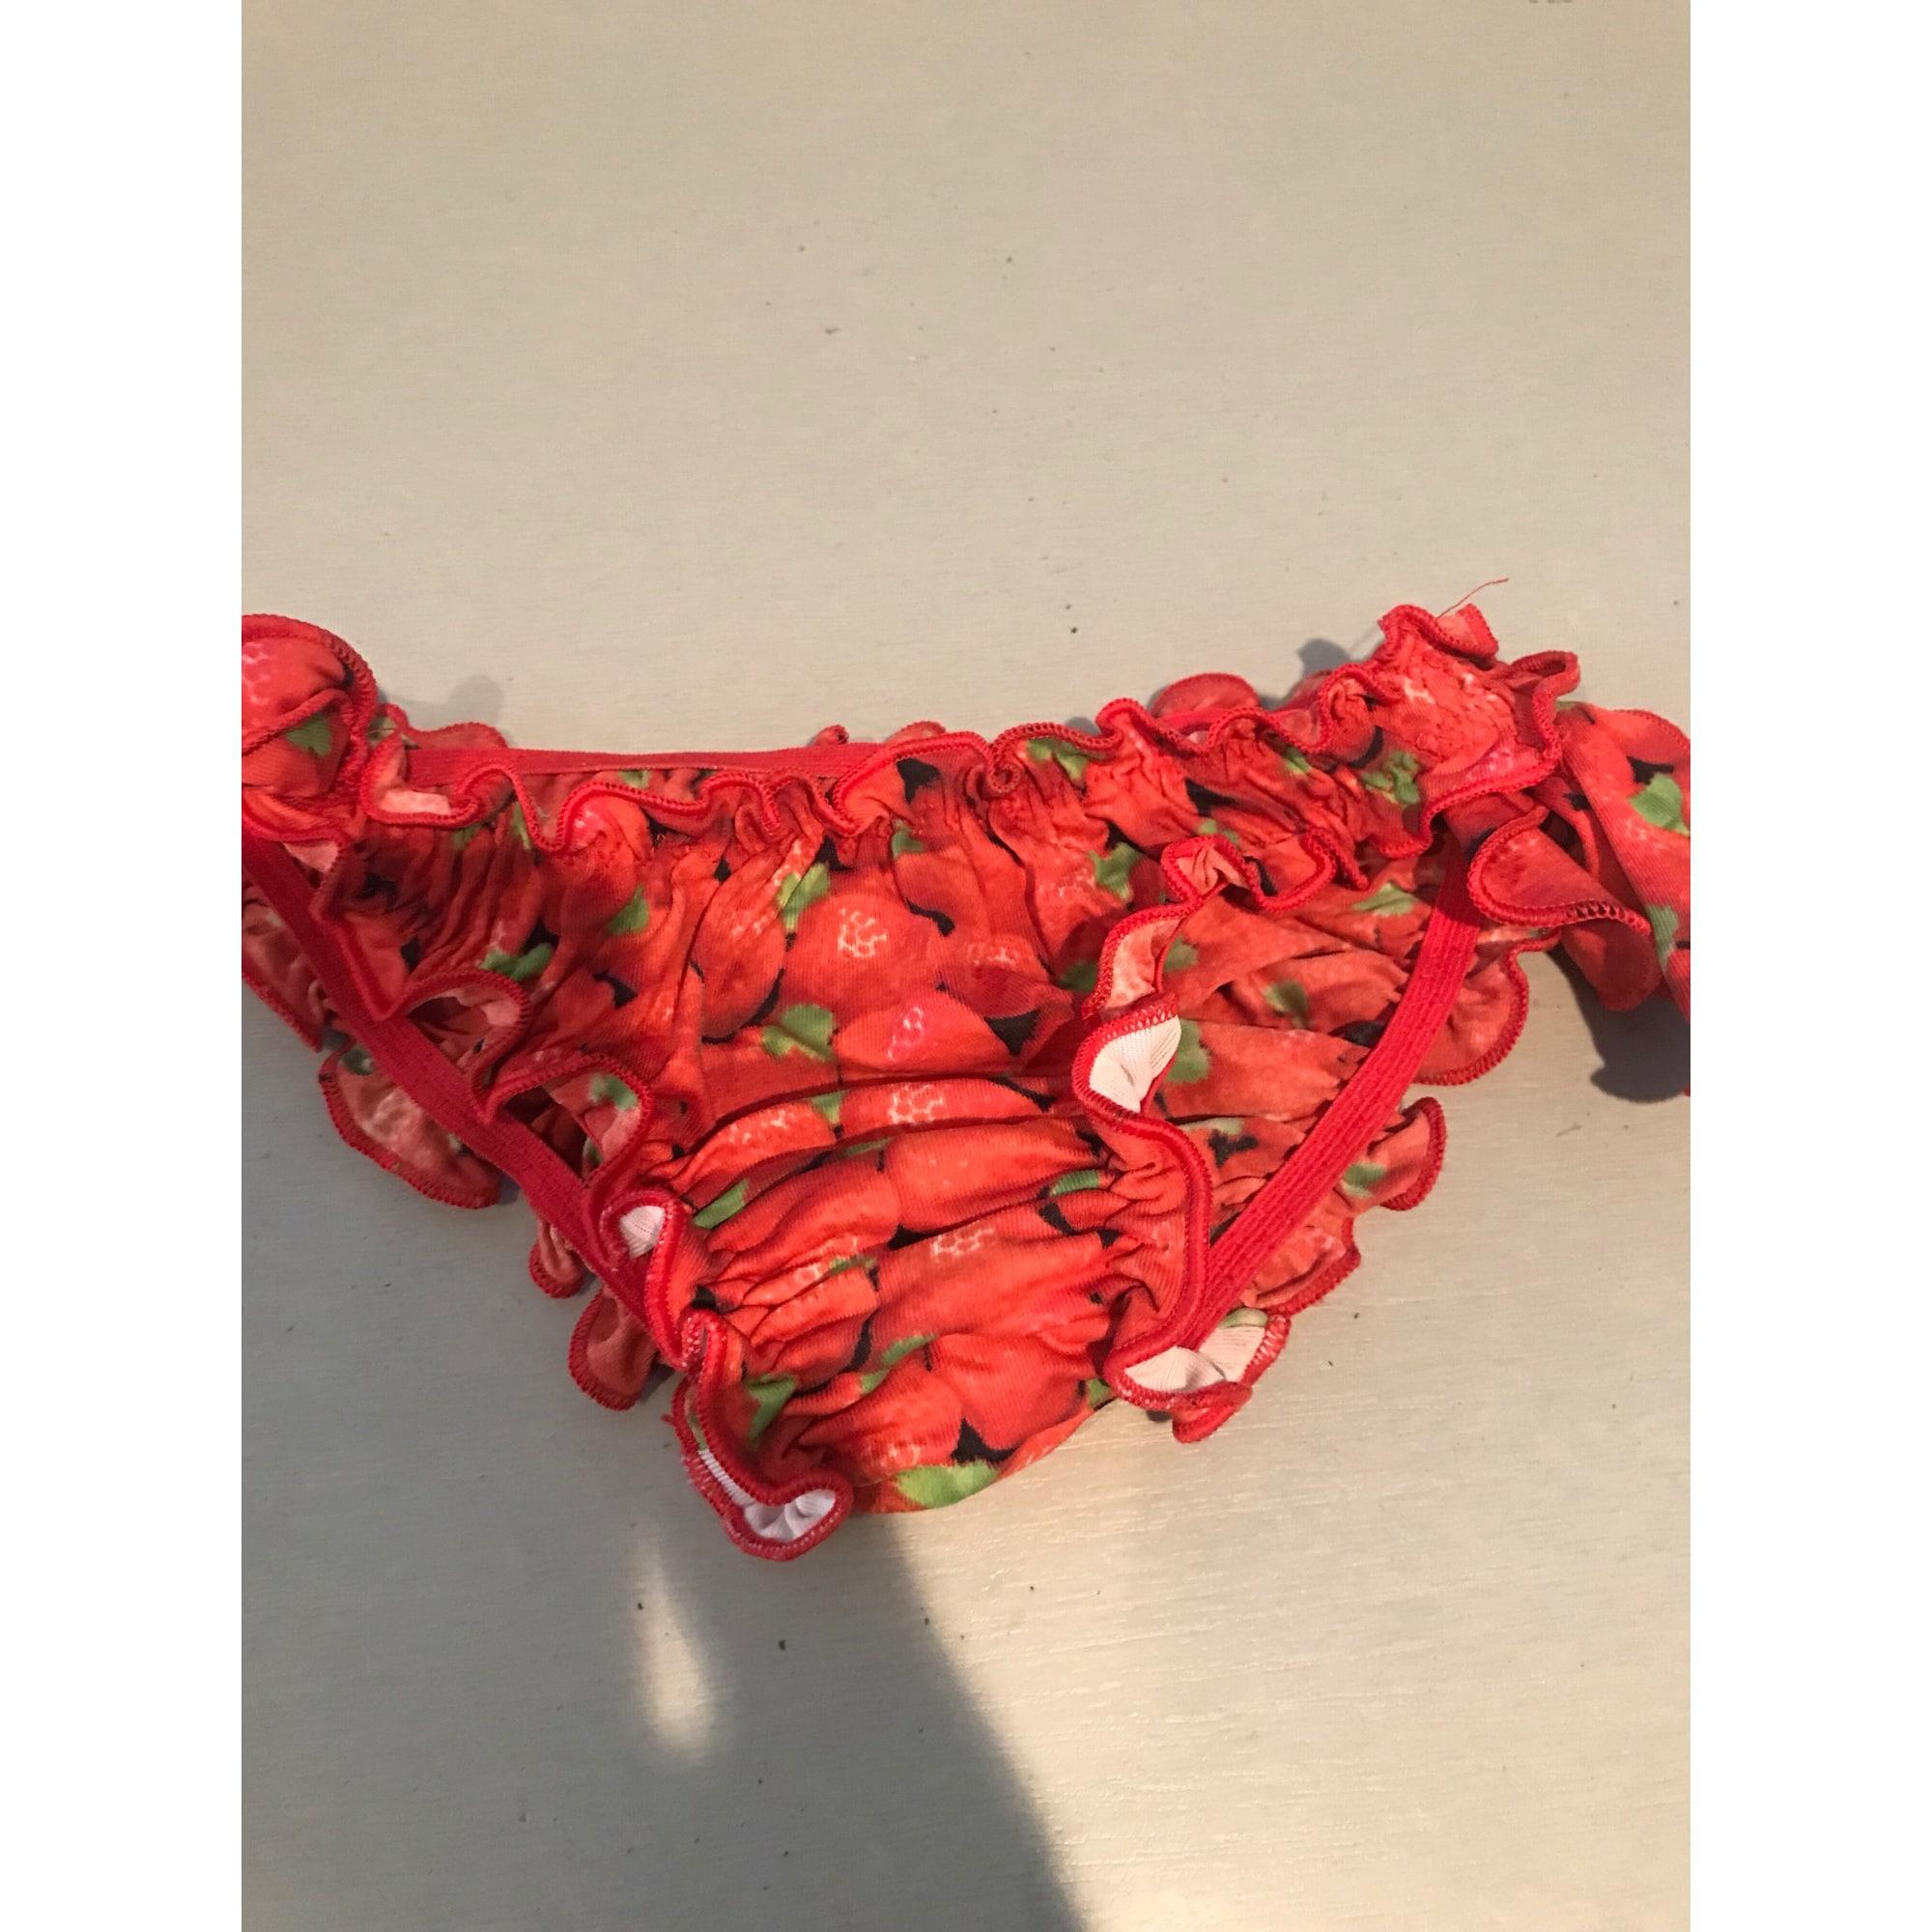 Shorts CALZEDONIA Red, burgundy